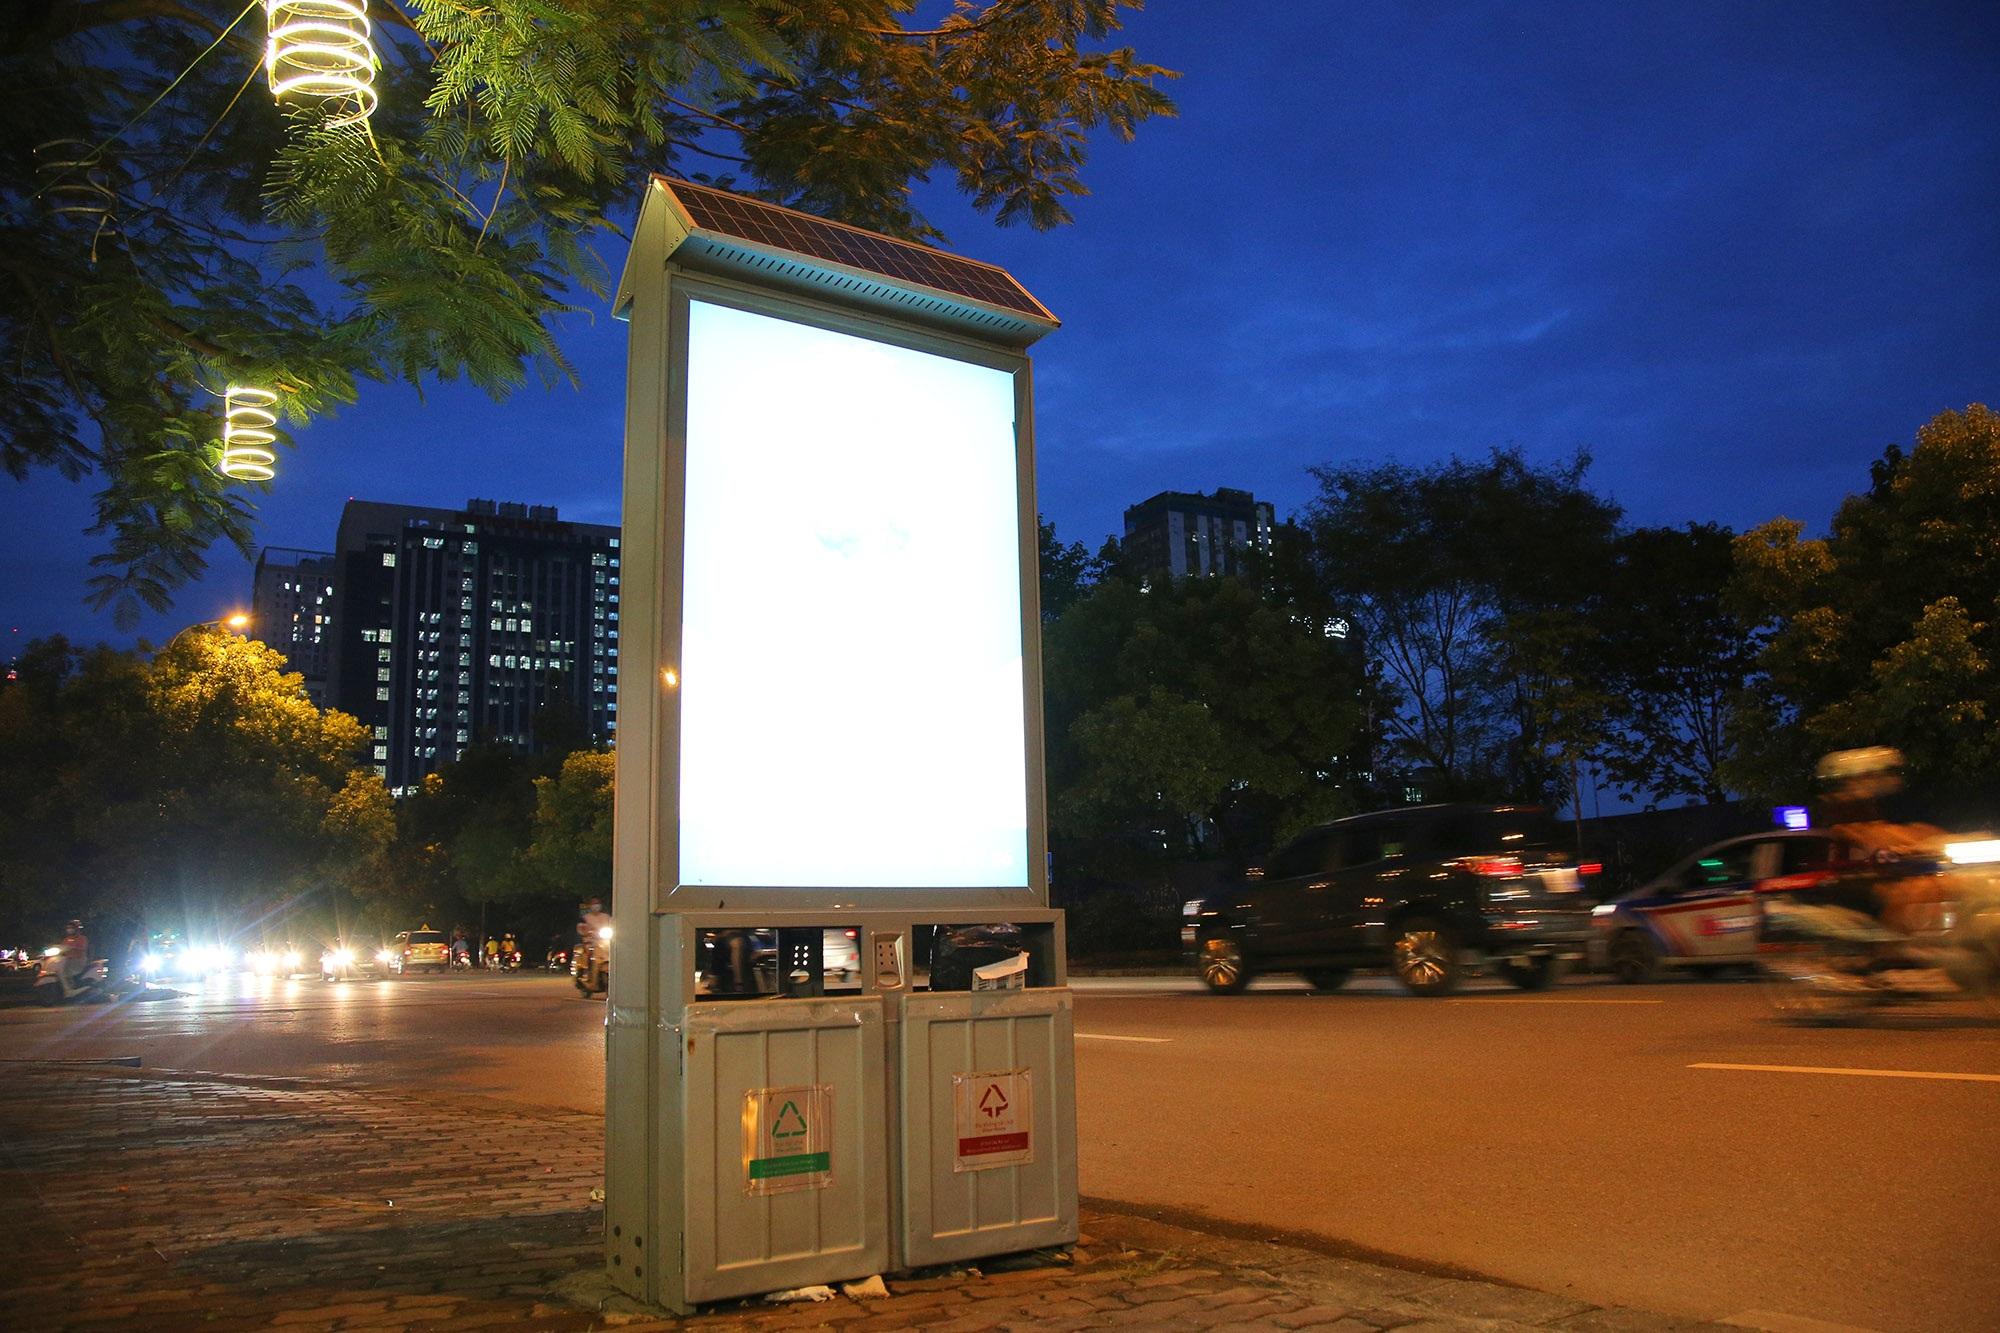 Hàng nghìn thùng rác phát sáng về đêm được lắp đặt tại Hà Nội - 9